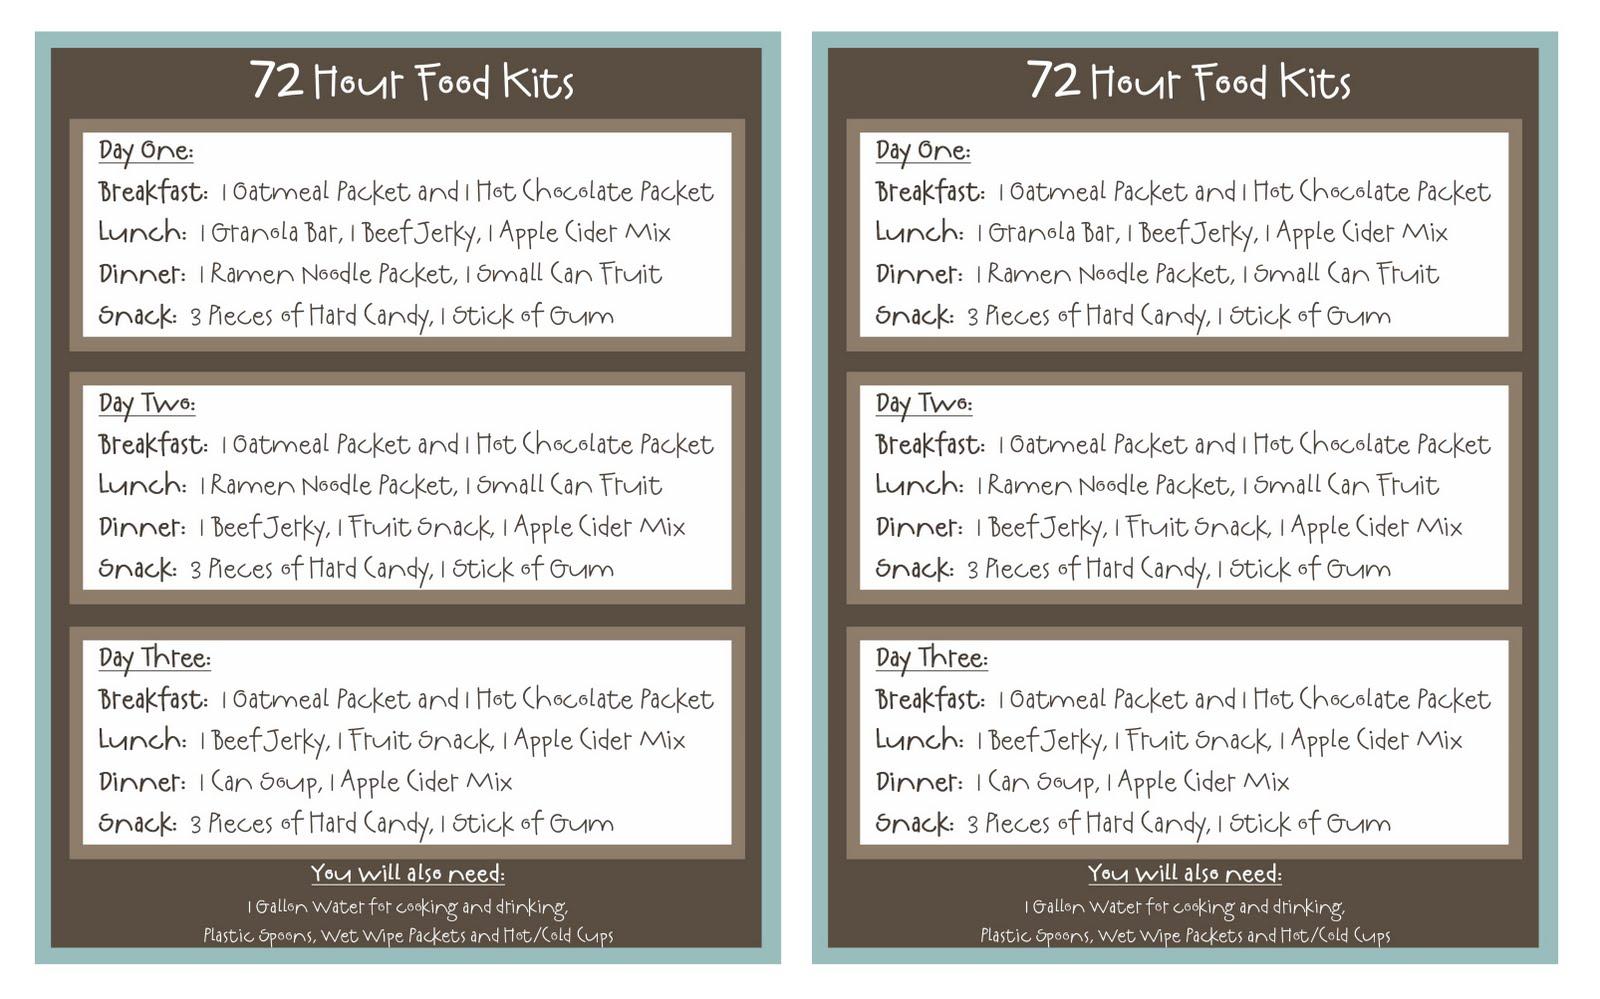 72-Hour Kit Food List